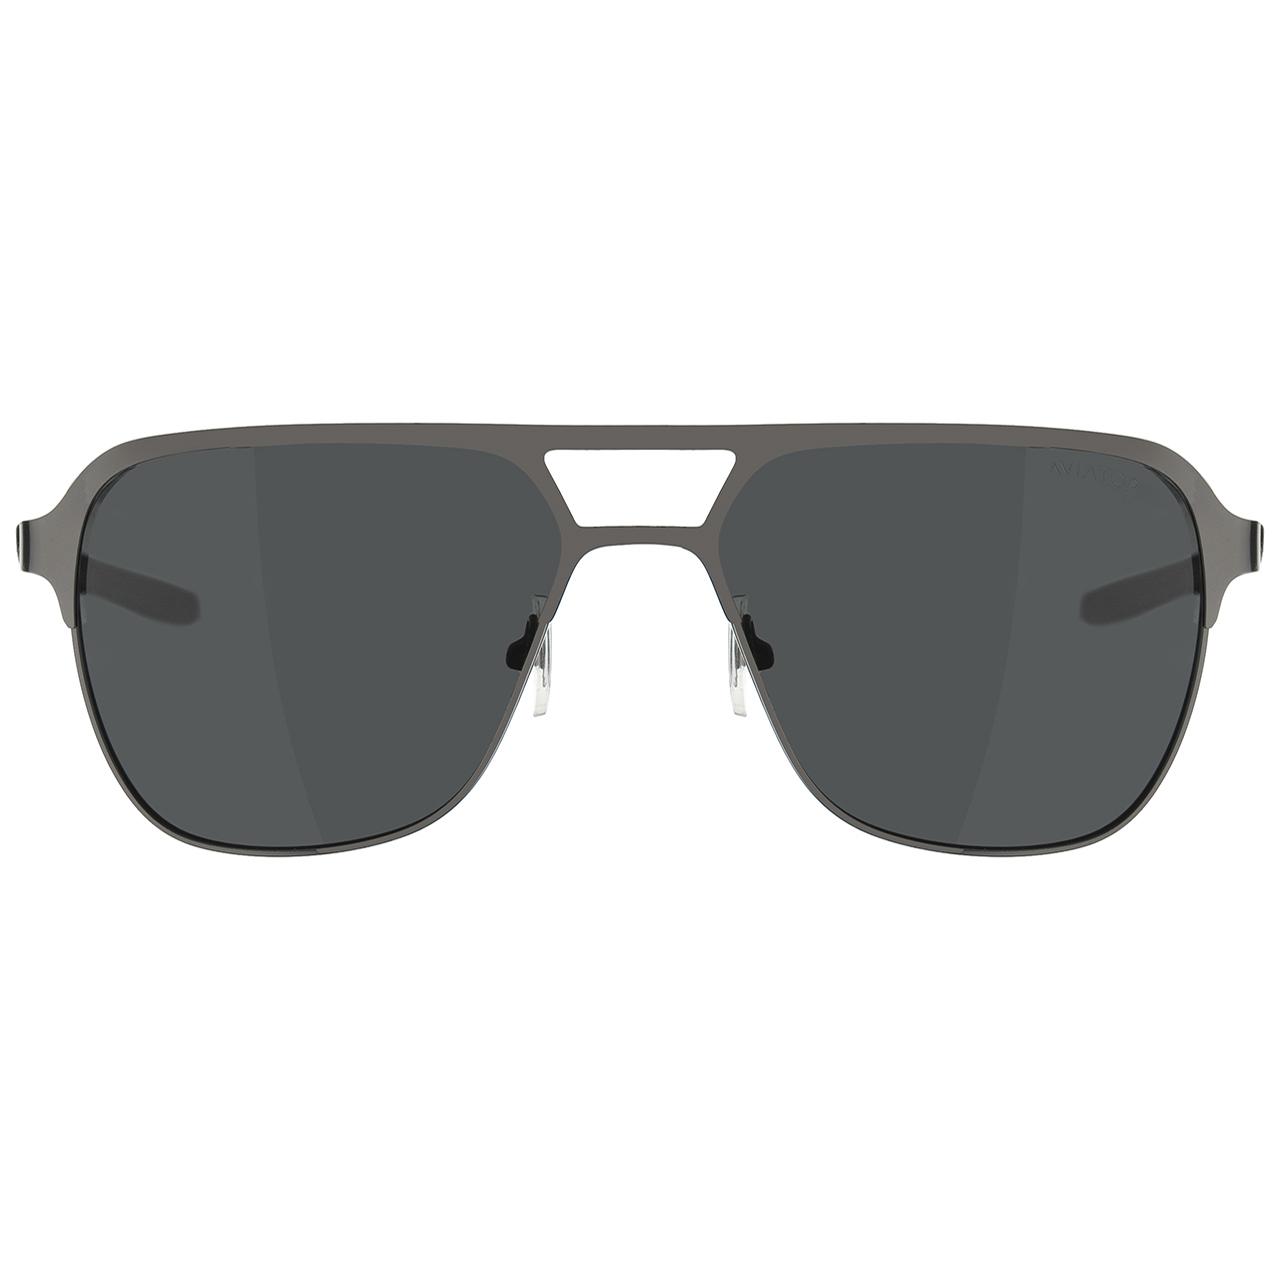 قیمت عینک آفتابی آویاتور مدل 2790 MG